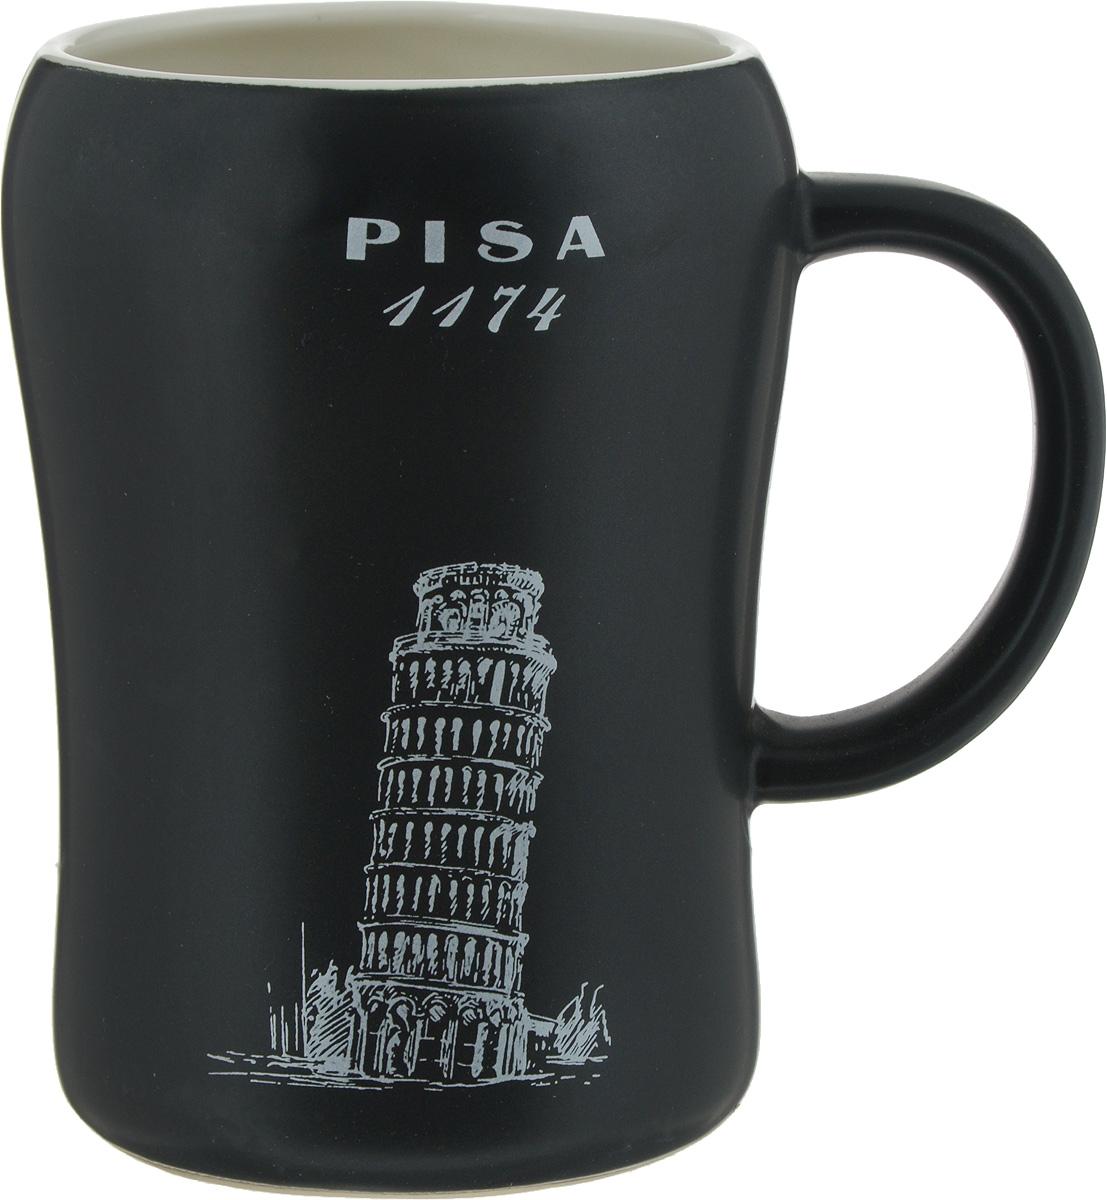 Кружка пивная Bella Pisa, цвет: черный, 500 млKR-01SCD290CB-1438_черныйКружка пивная Bella Pisa - это не просто емкость для пенного напитка, это ещеоригинальный сувенир или прекрасный подарок для настоящего ценителя. Такая пивная кружкапревращает распитие пива в настоящий ритуал. Кружка выполнена из керамики и оформленаизображением Статуи Свободы и надписью New York 1886. Пивная кружка BellaPisaстанет прекрасным пополнением вашей коллекции.Не рекомендуется мыть в посудомоечной машине. Объем: 500 мл.Высота кружки: 13 см.Диаметр (по верхнему краю): 8,5 см.